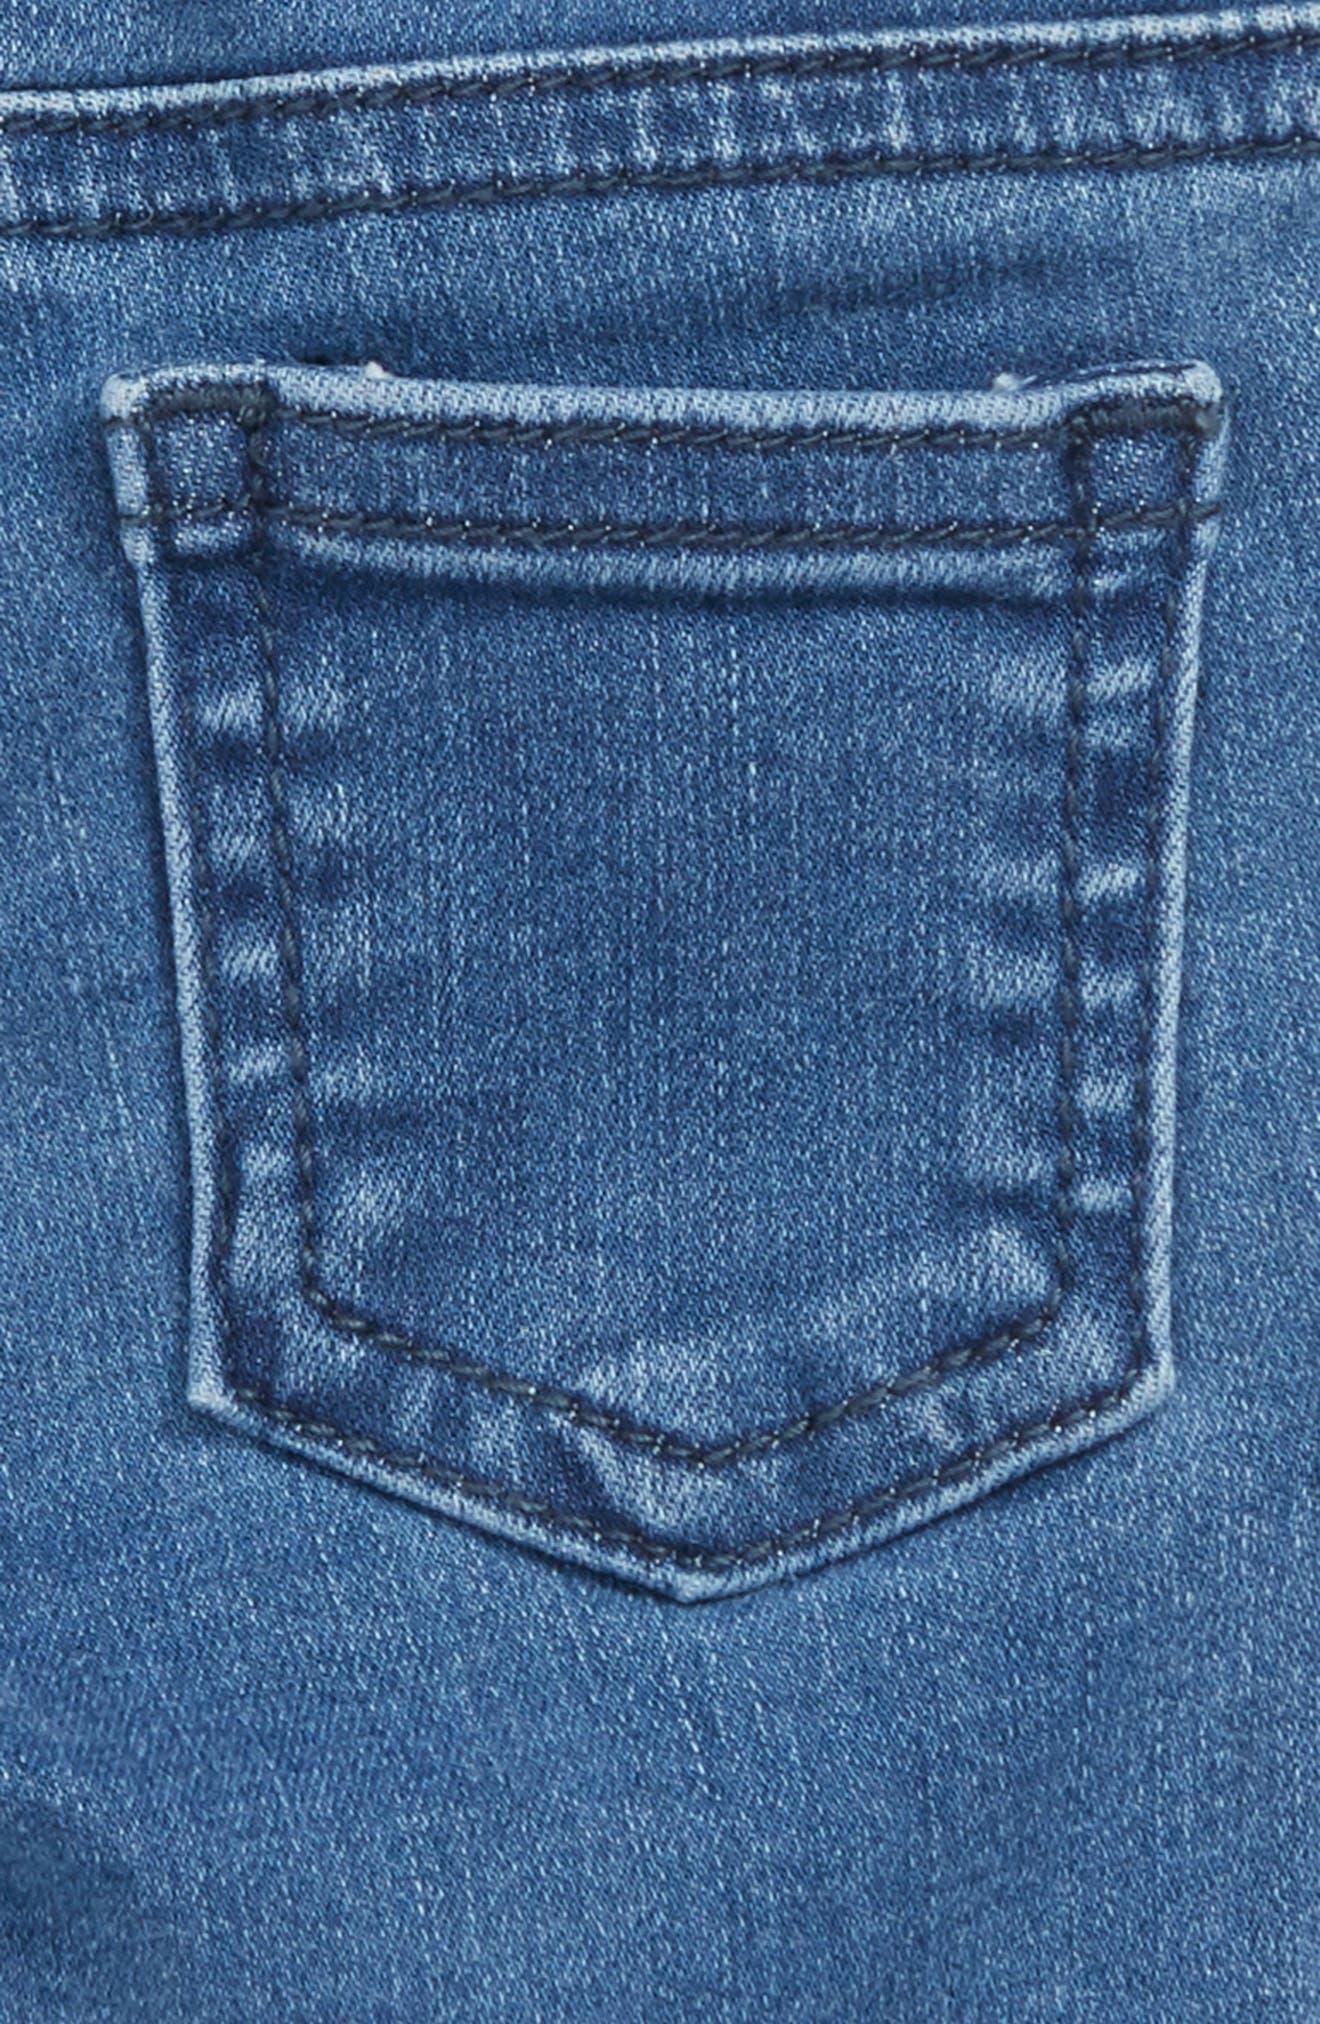 Bob Heart Patch Jeans,                             Alternate thumbnail 3, color,                             BLUE